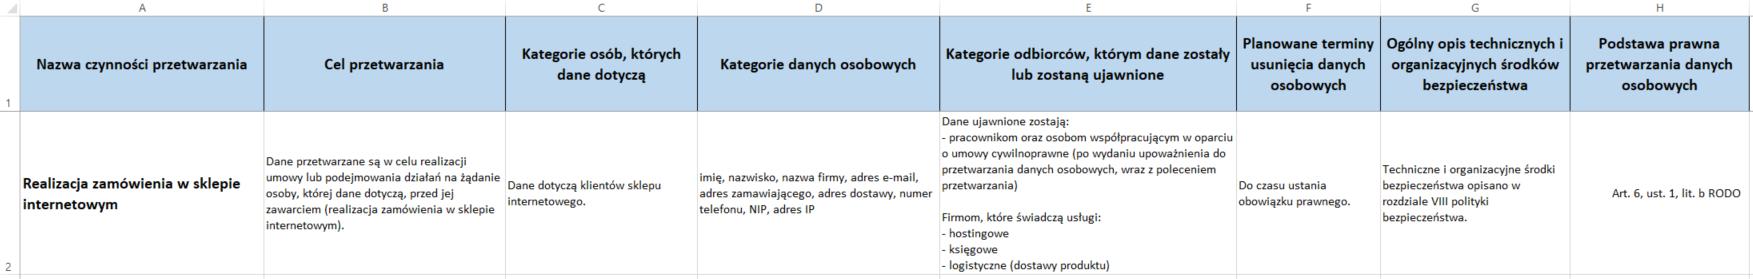 a1410b4c3f3055 Przykładowy wpis w Twoim rejestrze powinien wyglądać mniej więcej tak: